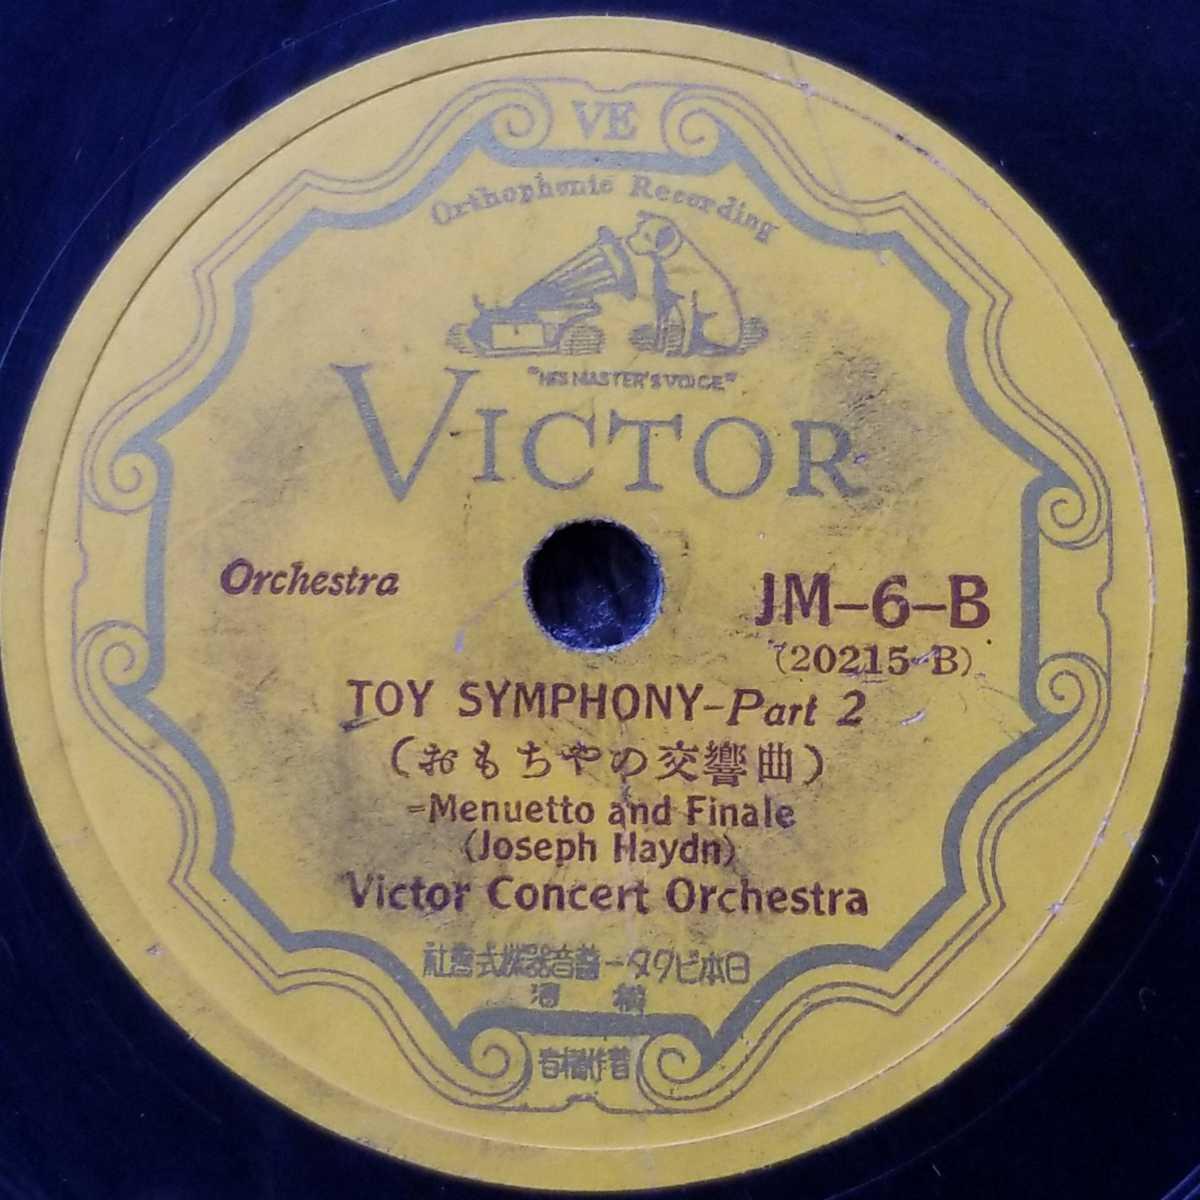 ビクター おもちゃの交響曲 上下 蓄音機SPレコード盤10インチ (25cm)※200_画像4